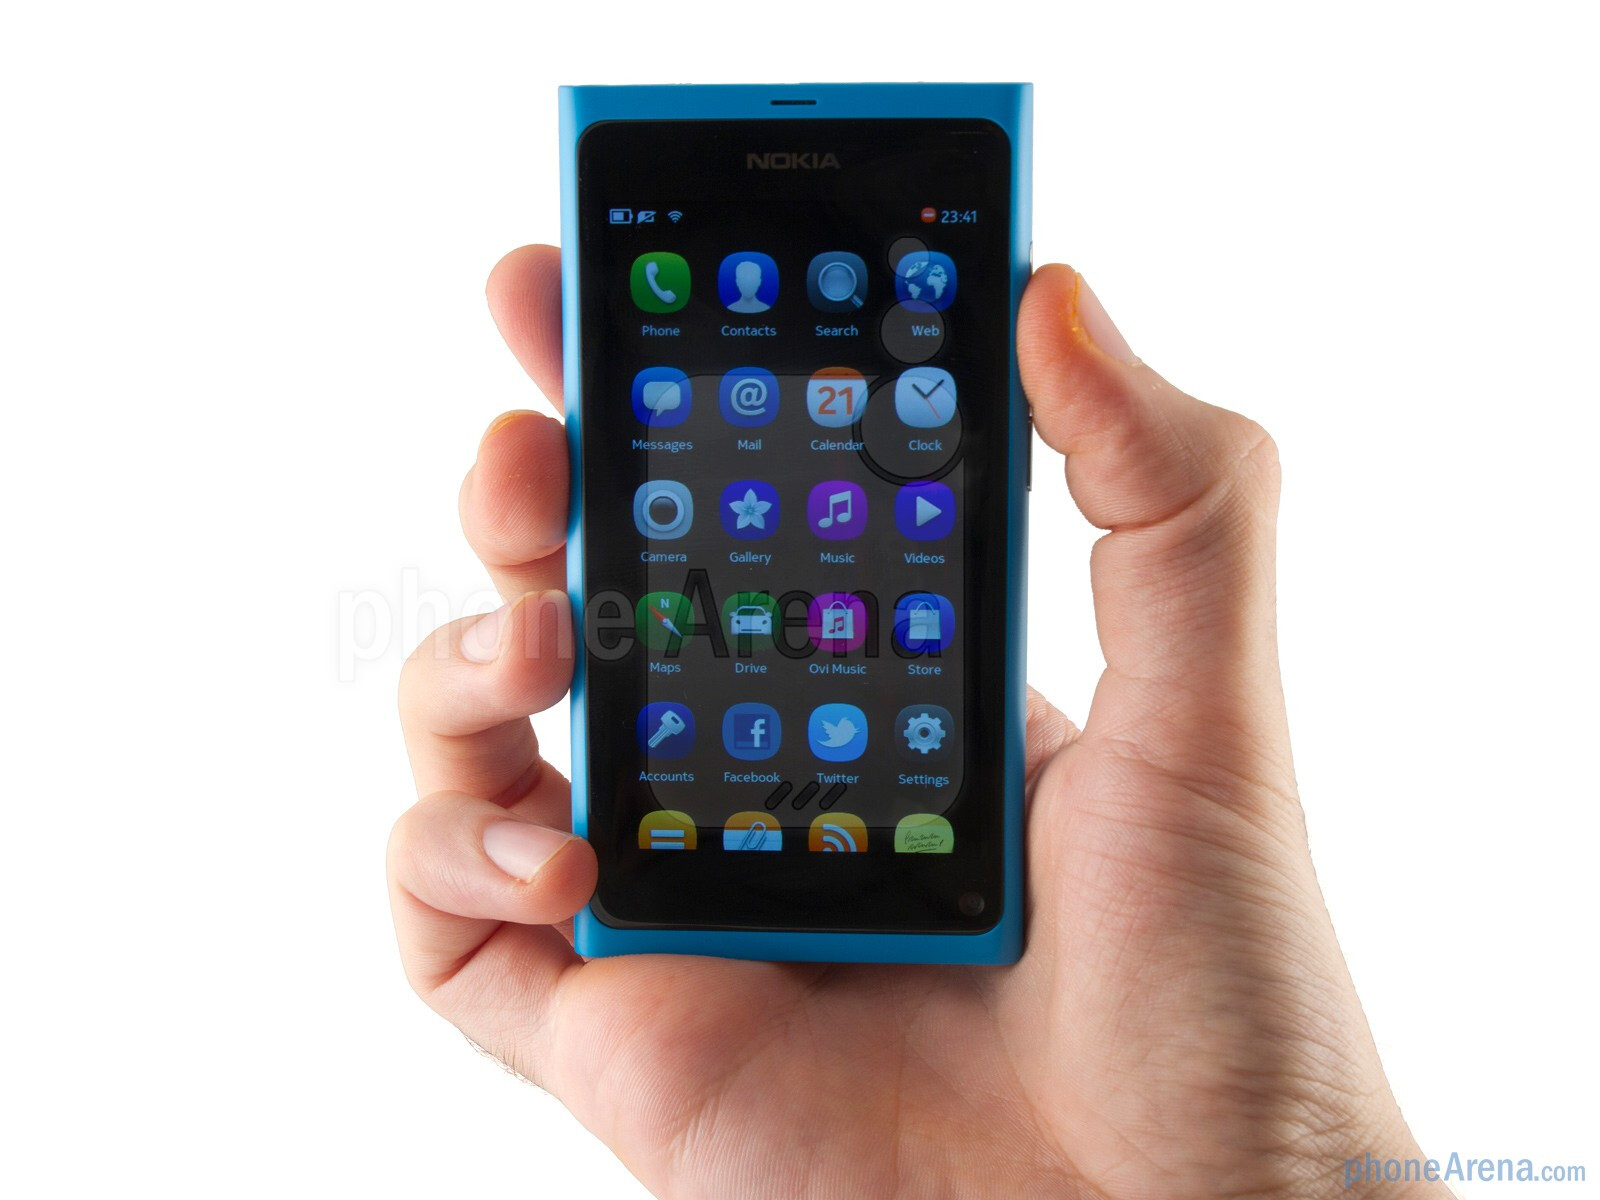 http://i-cdn.phonearena.com/images/reviews/100953-image/Nokia-N9-Review-Design-03-jpg.jpg